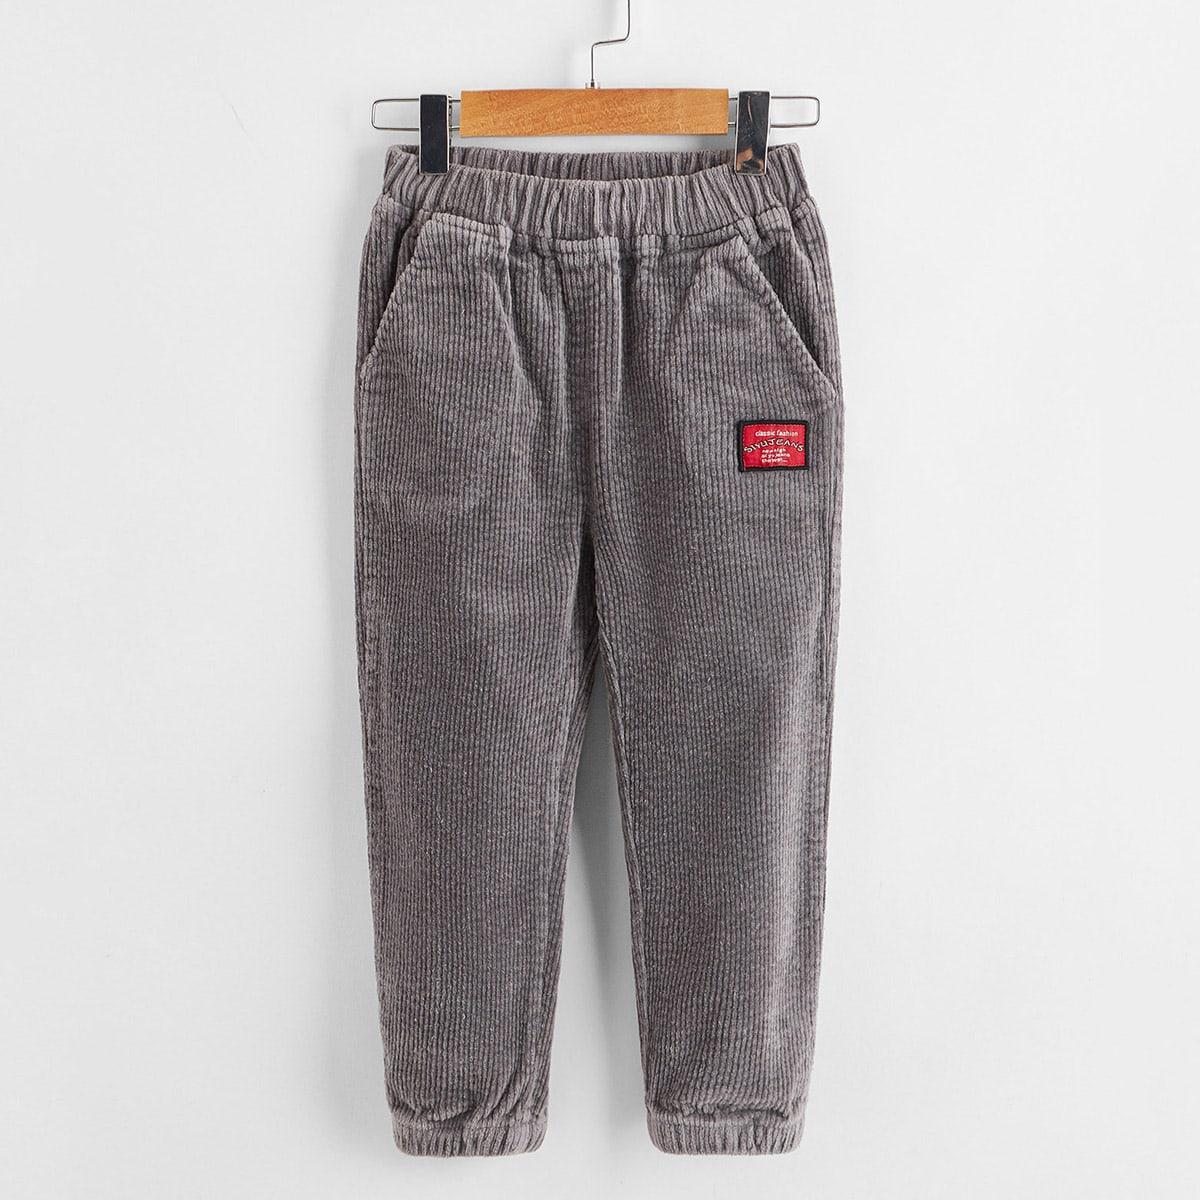 Карман текст повседневный брюки для мальчиков